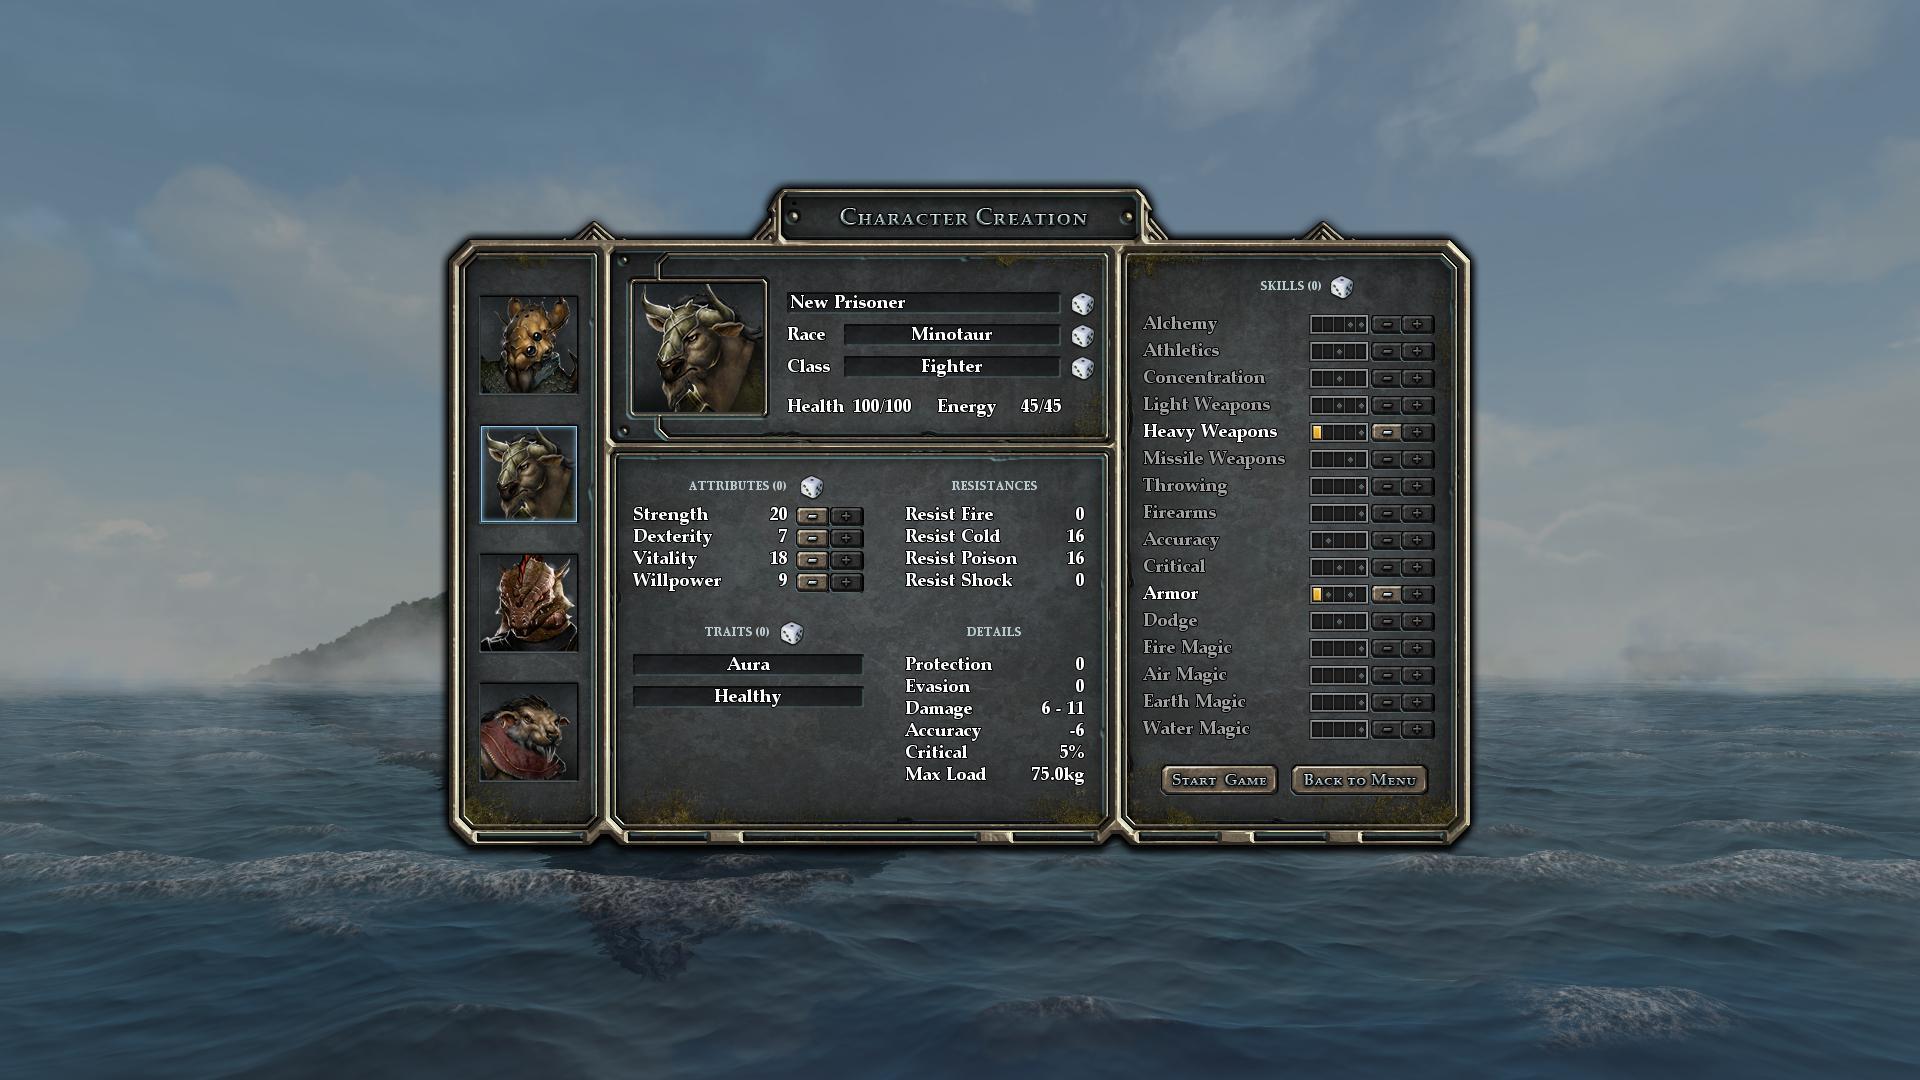 Recenze Legend of Grimrock 2 - Návrat legendy, anebo propadák? 9646